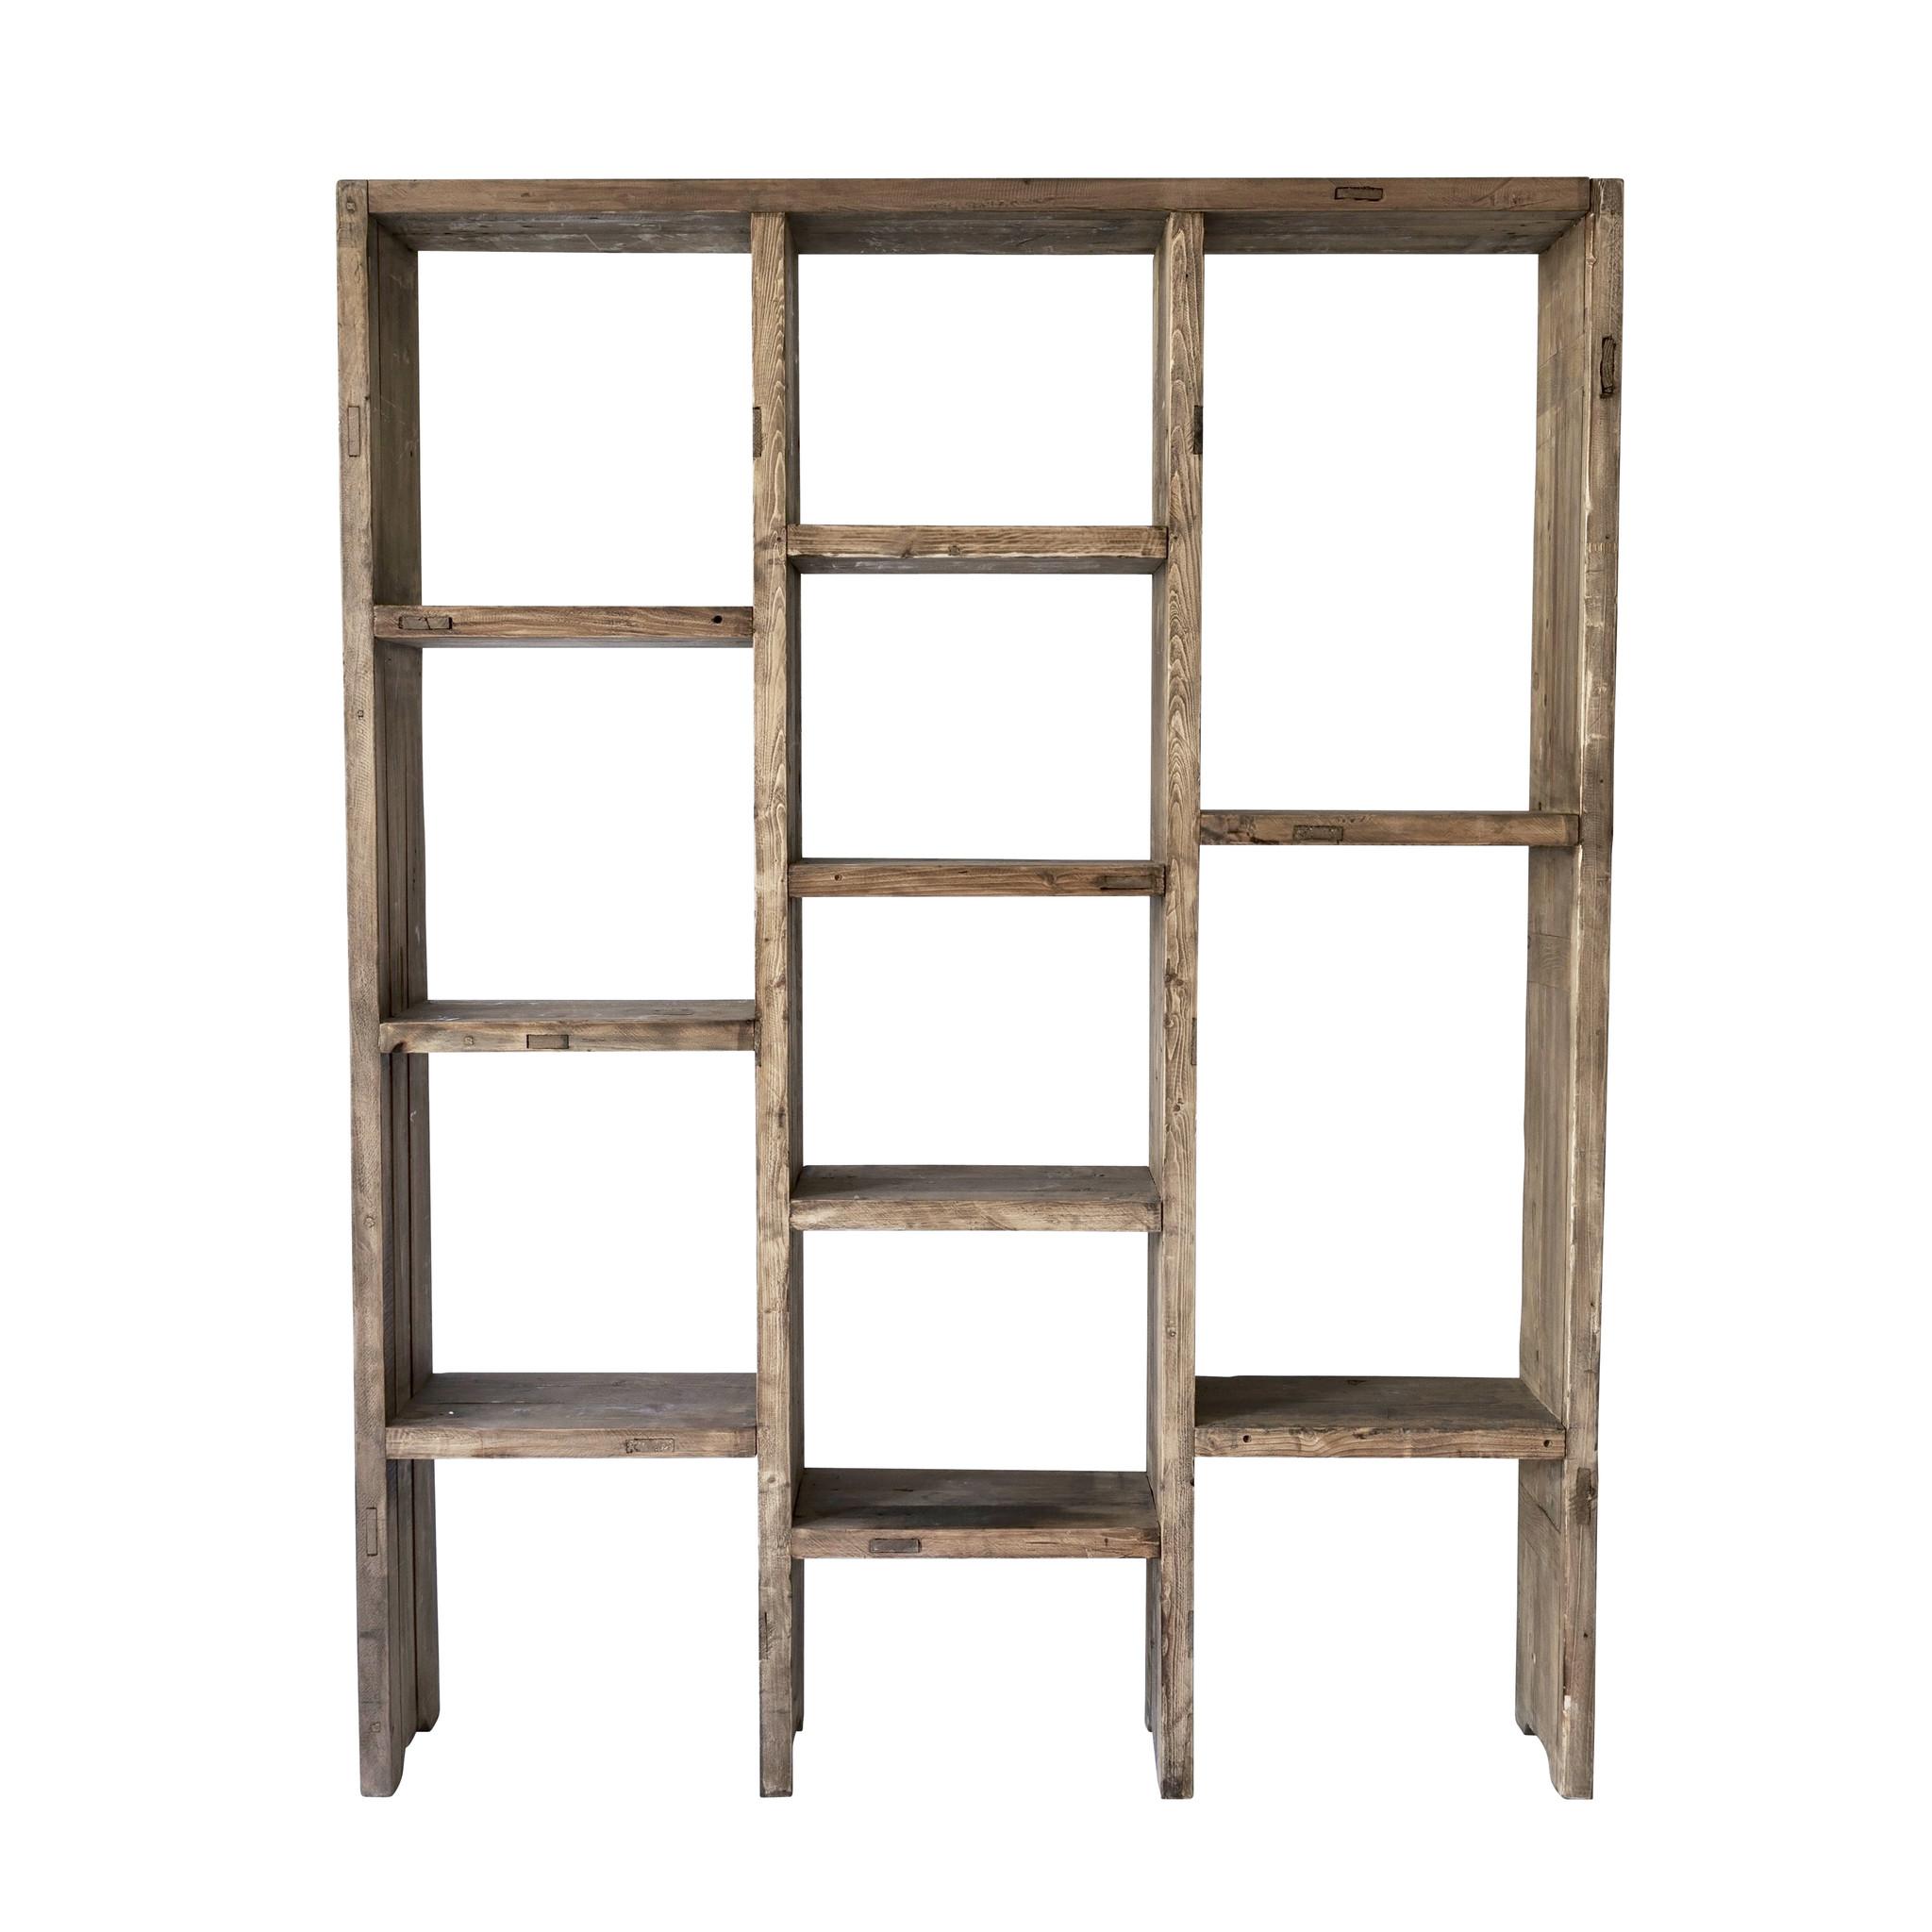 Snowdrops Copenhagen Bookcase / shelving unit in Elm Wood - L150x30WxH200cm - Snowdrops Copenhagen